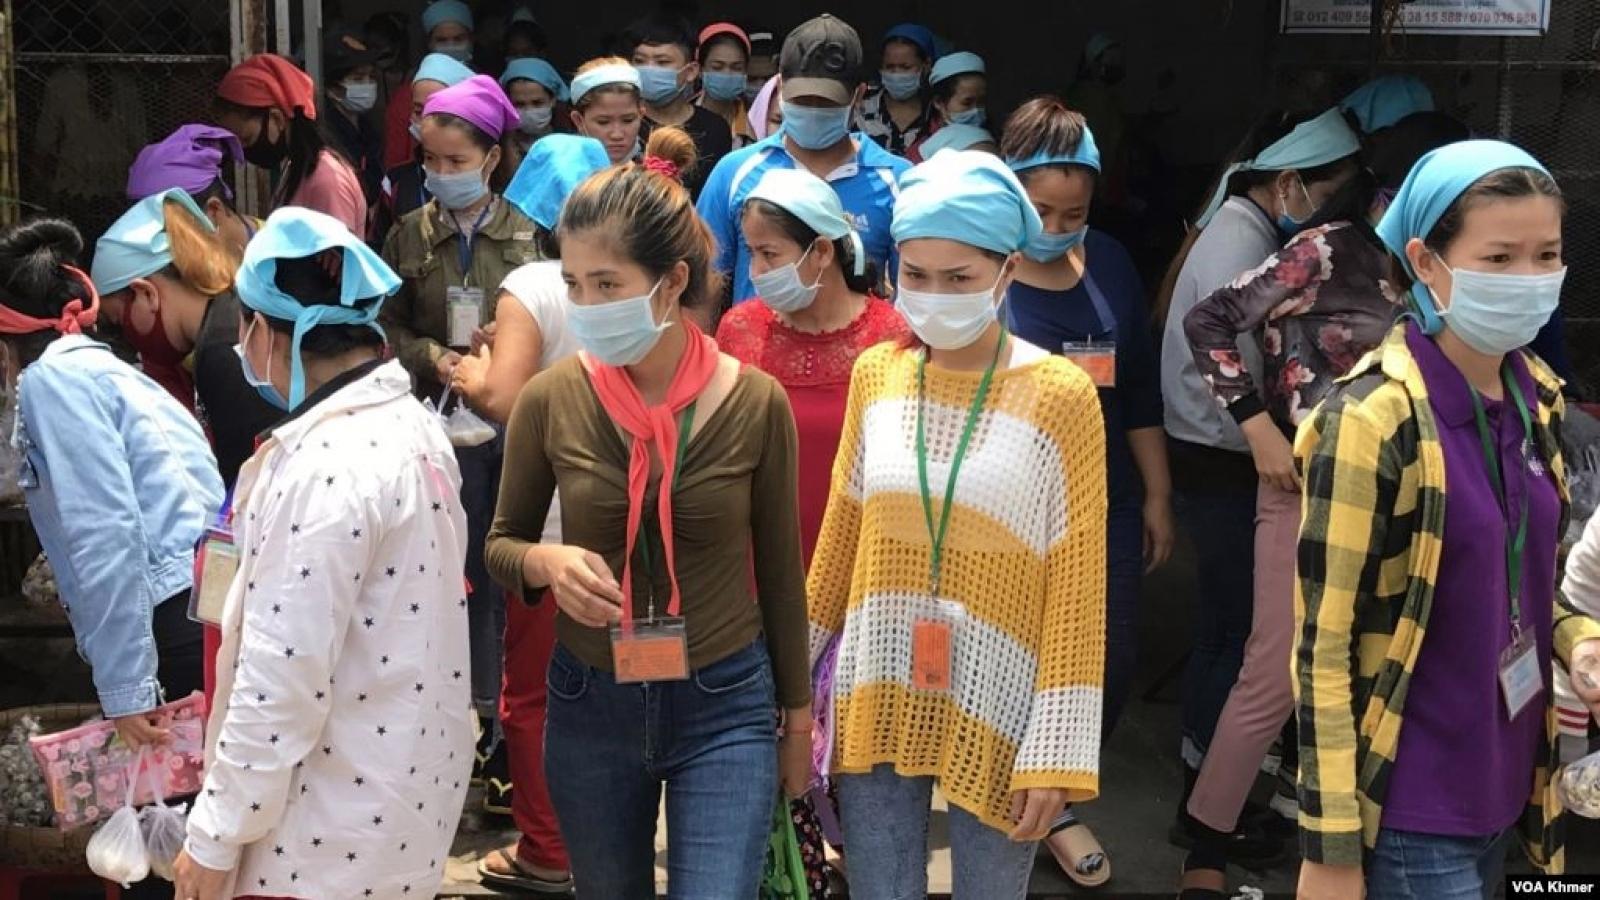 Nhiều công nhân Campuchia thiếu khả năng tiếp cận các gói an sinh xã hội